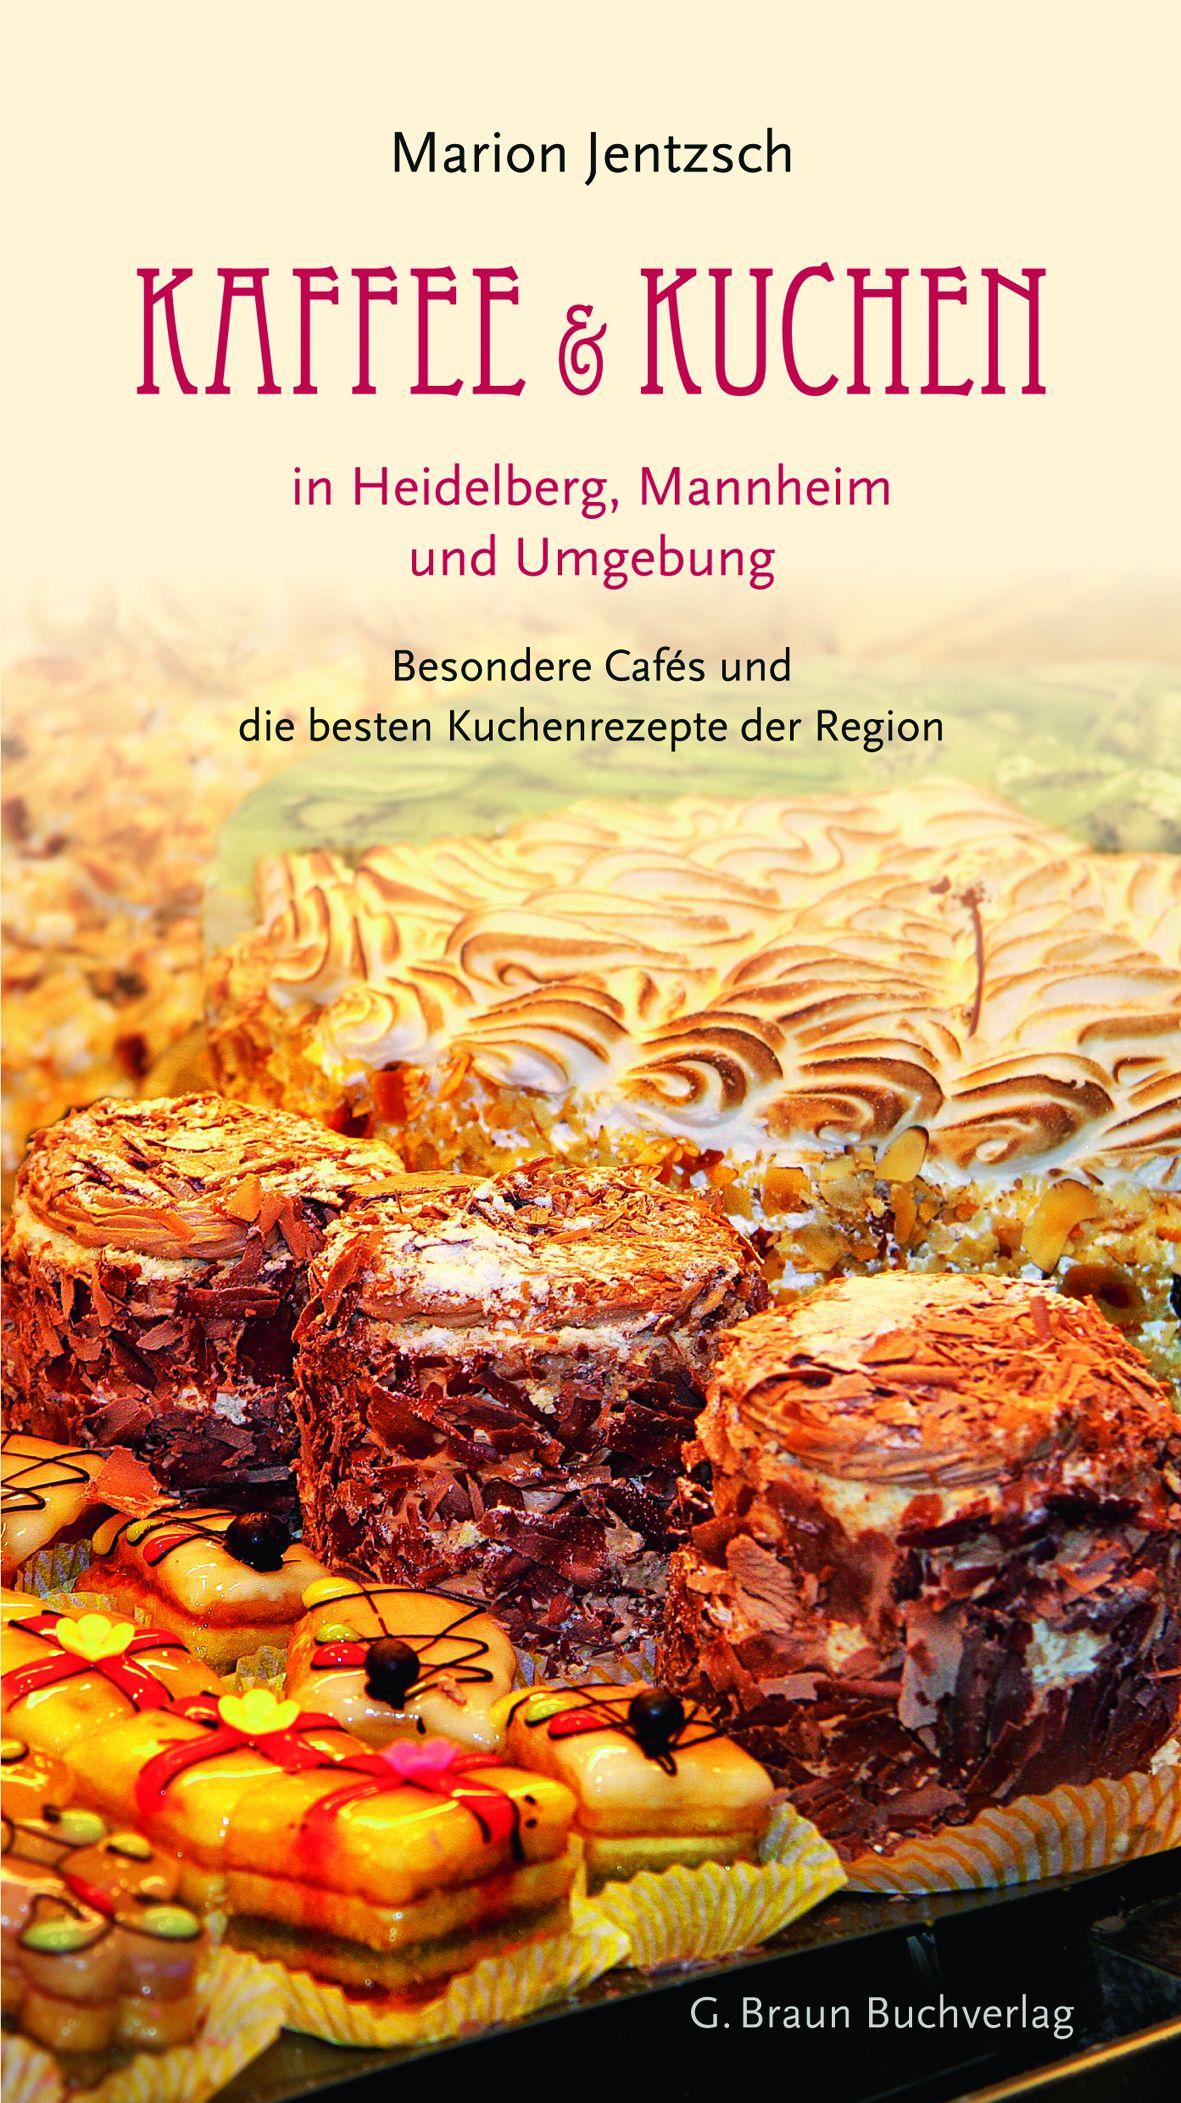 kaffee und kuchen in heidelberg mannheim und umgebung von